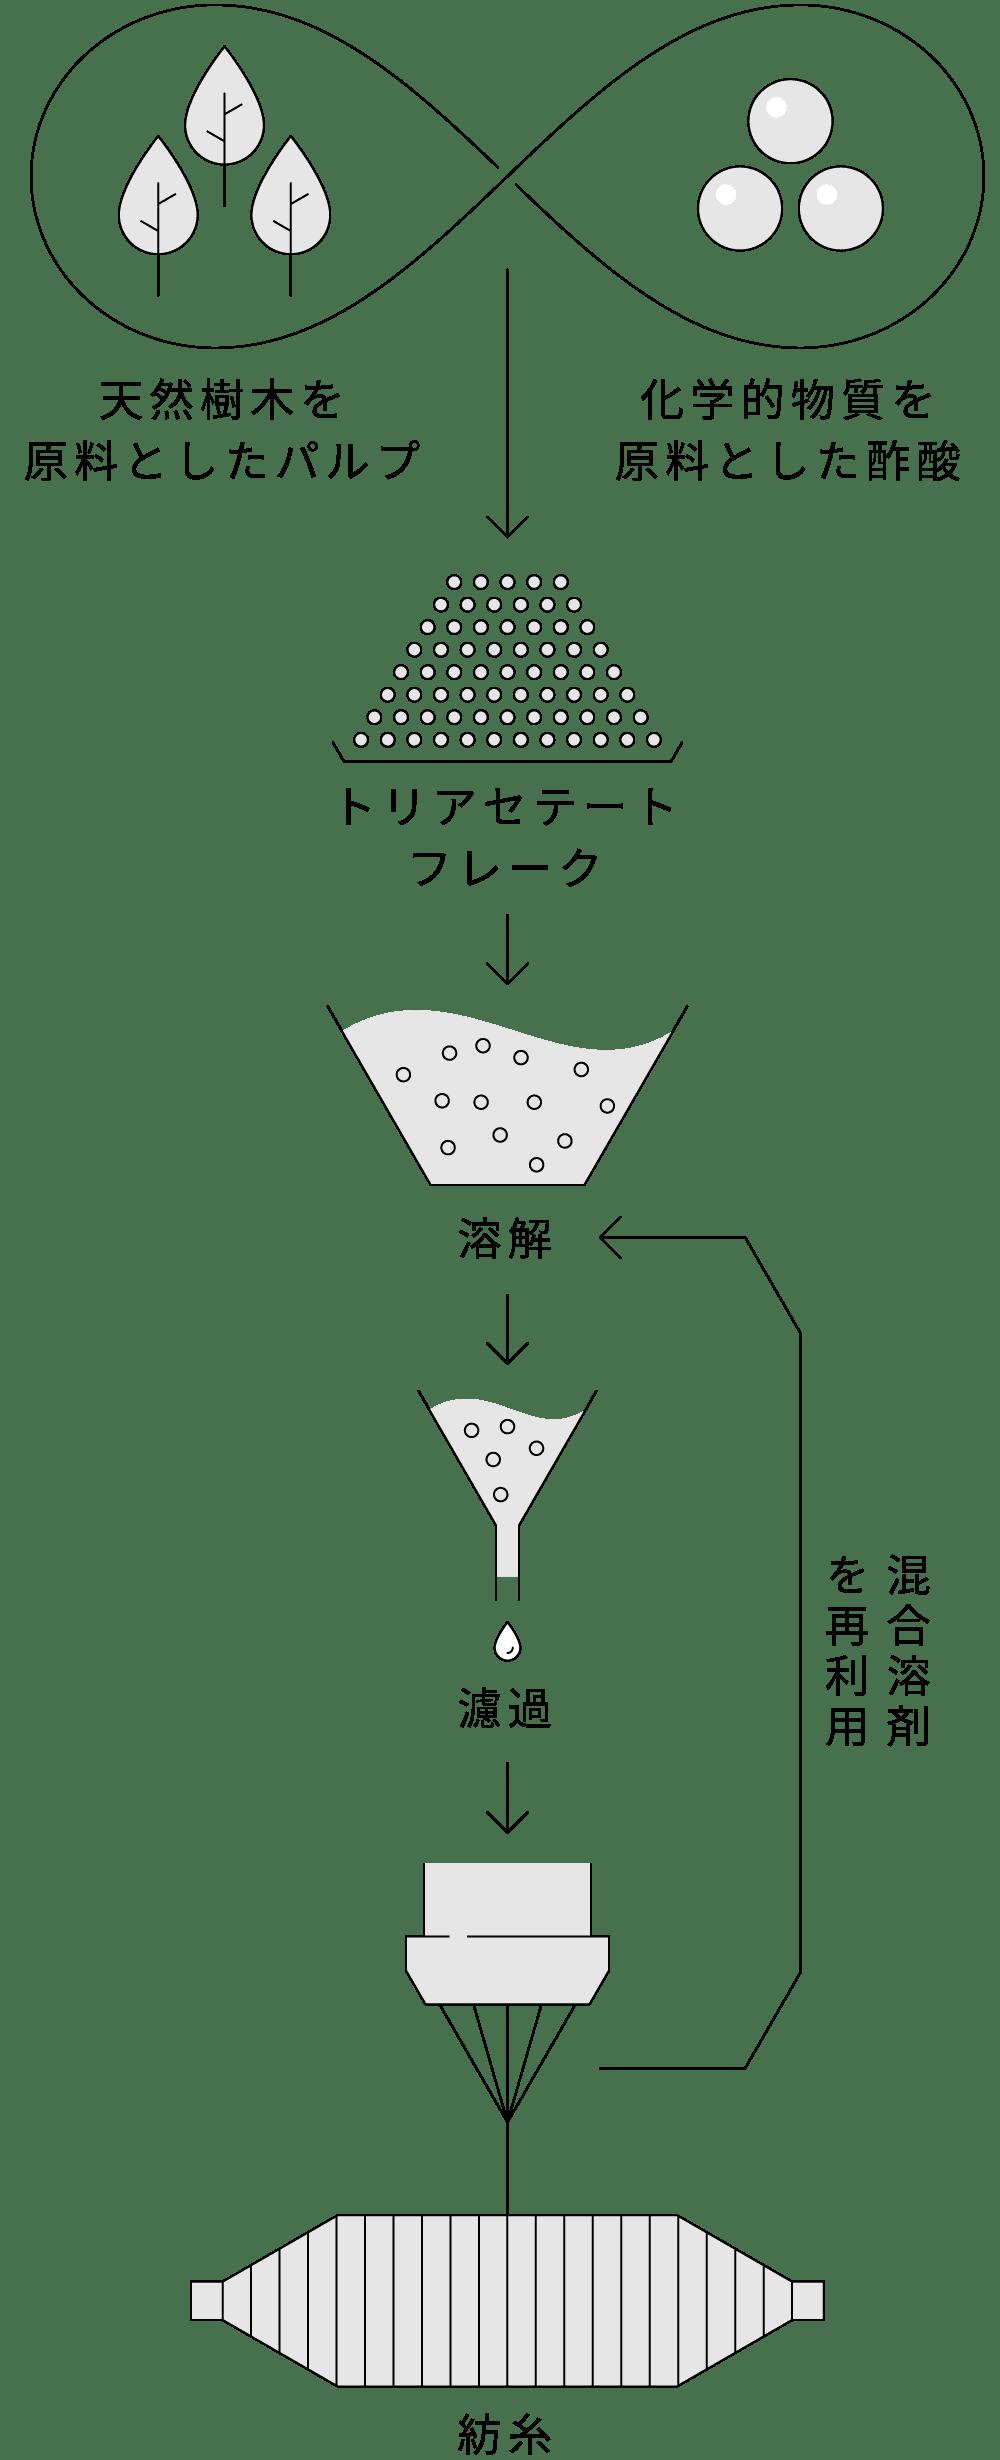 ソアロン製造工程のイラスト